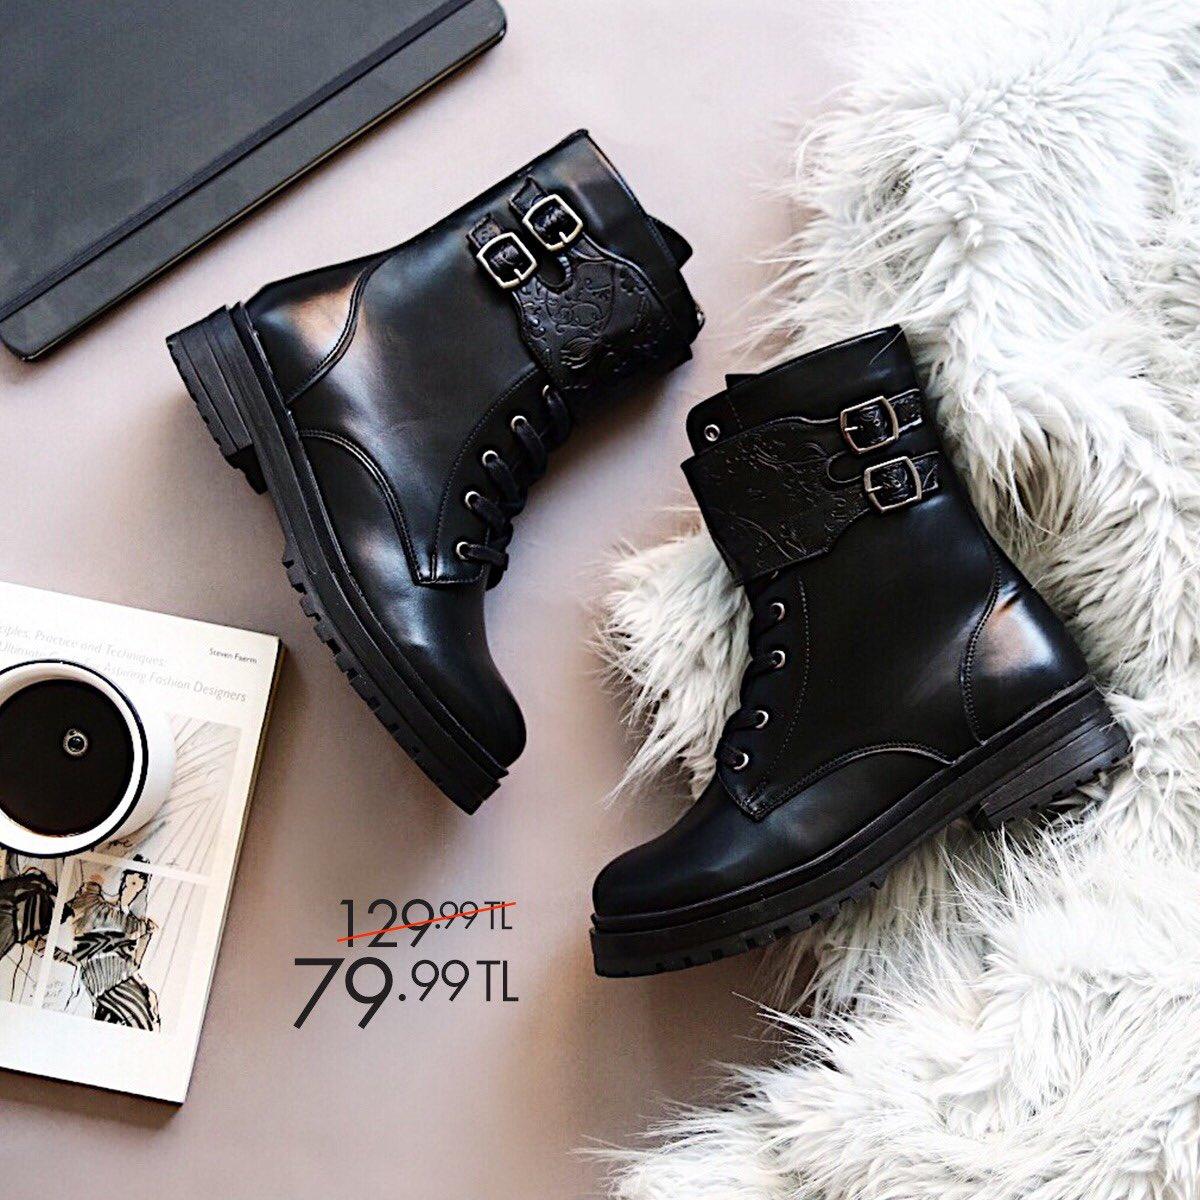 Askeri botlarınızı ekose elbiselerinizle kombinleyerek yeni yılda tarzınızı baştan yaratın. Siyah Kadın Askeri Bot 36-40 Numara 79,99 TL 🔎 100335821 http://bit.ly/2M6G3Fe